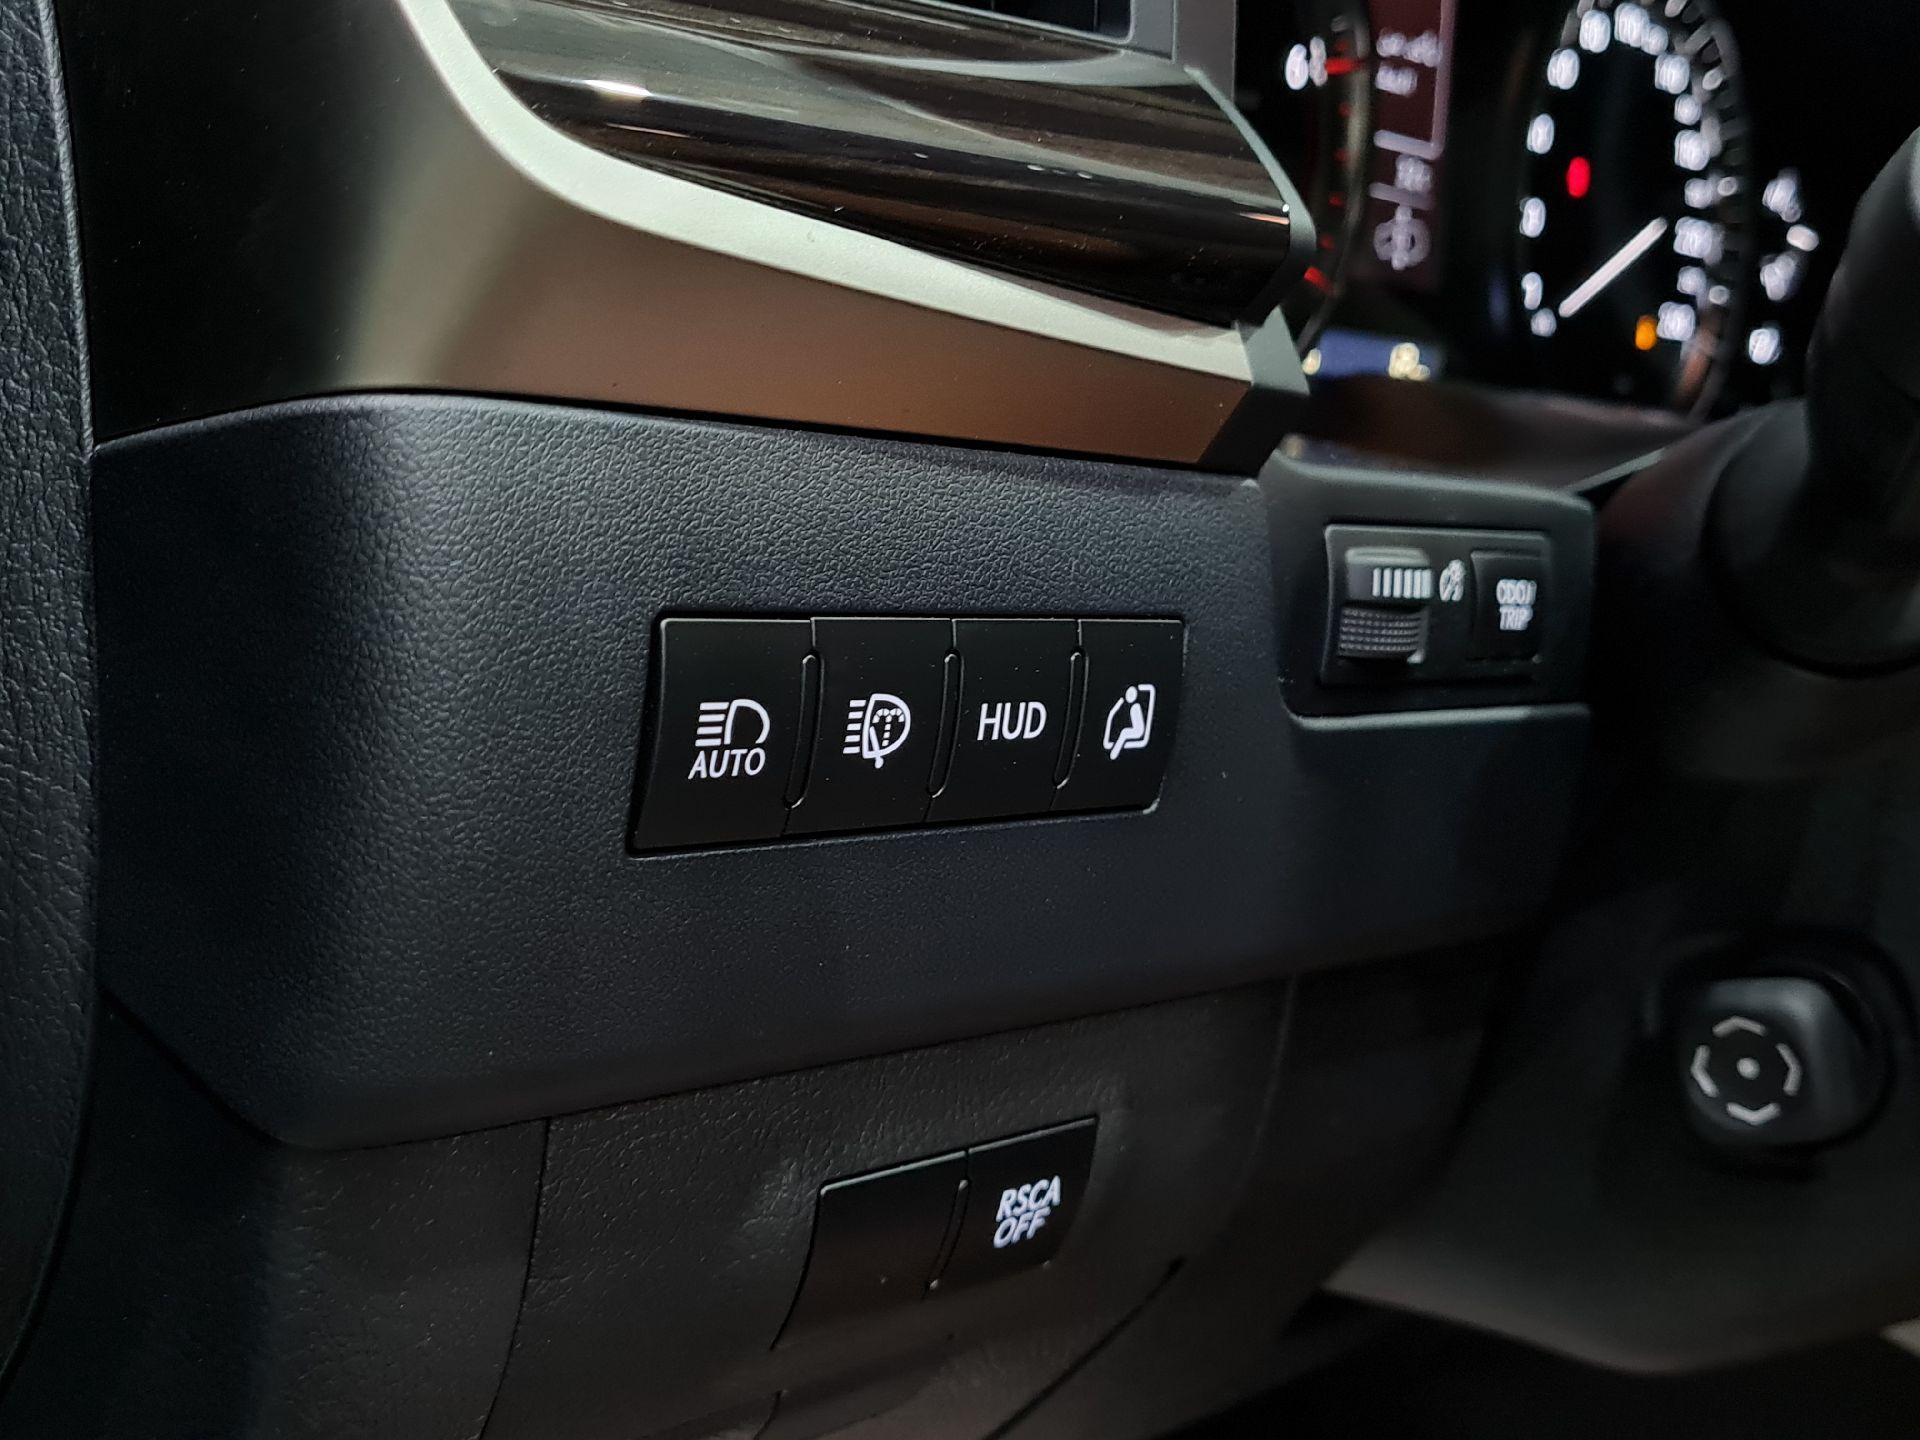 لكزس LX 570 Black Ed. 2021 فل سعودي للبيع في الرياض - السعودية - صورة كبيرة - 9